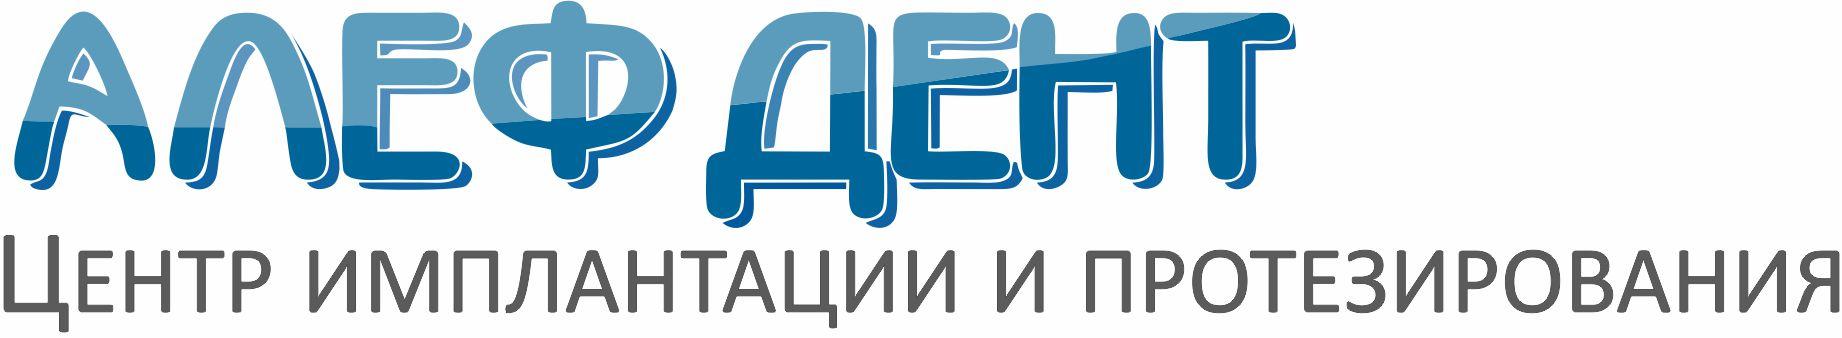 Алеф дент